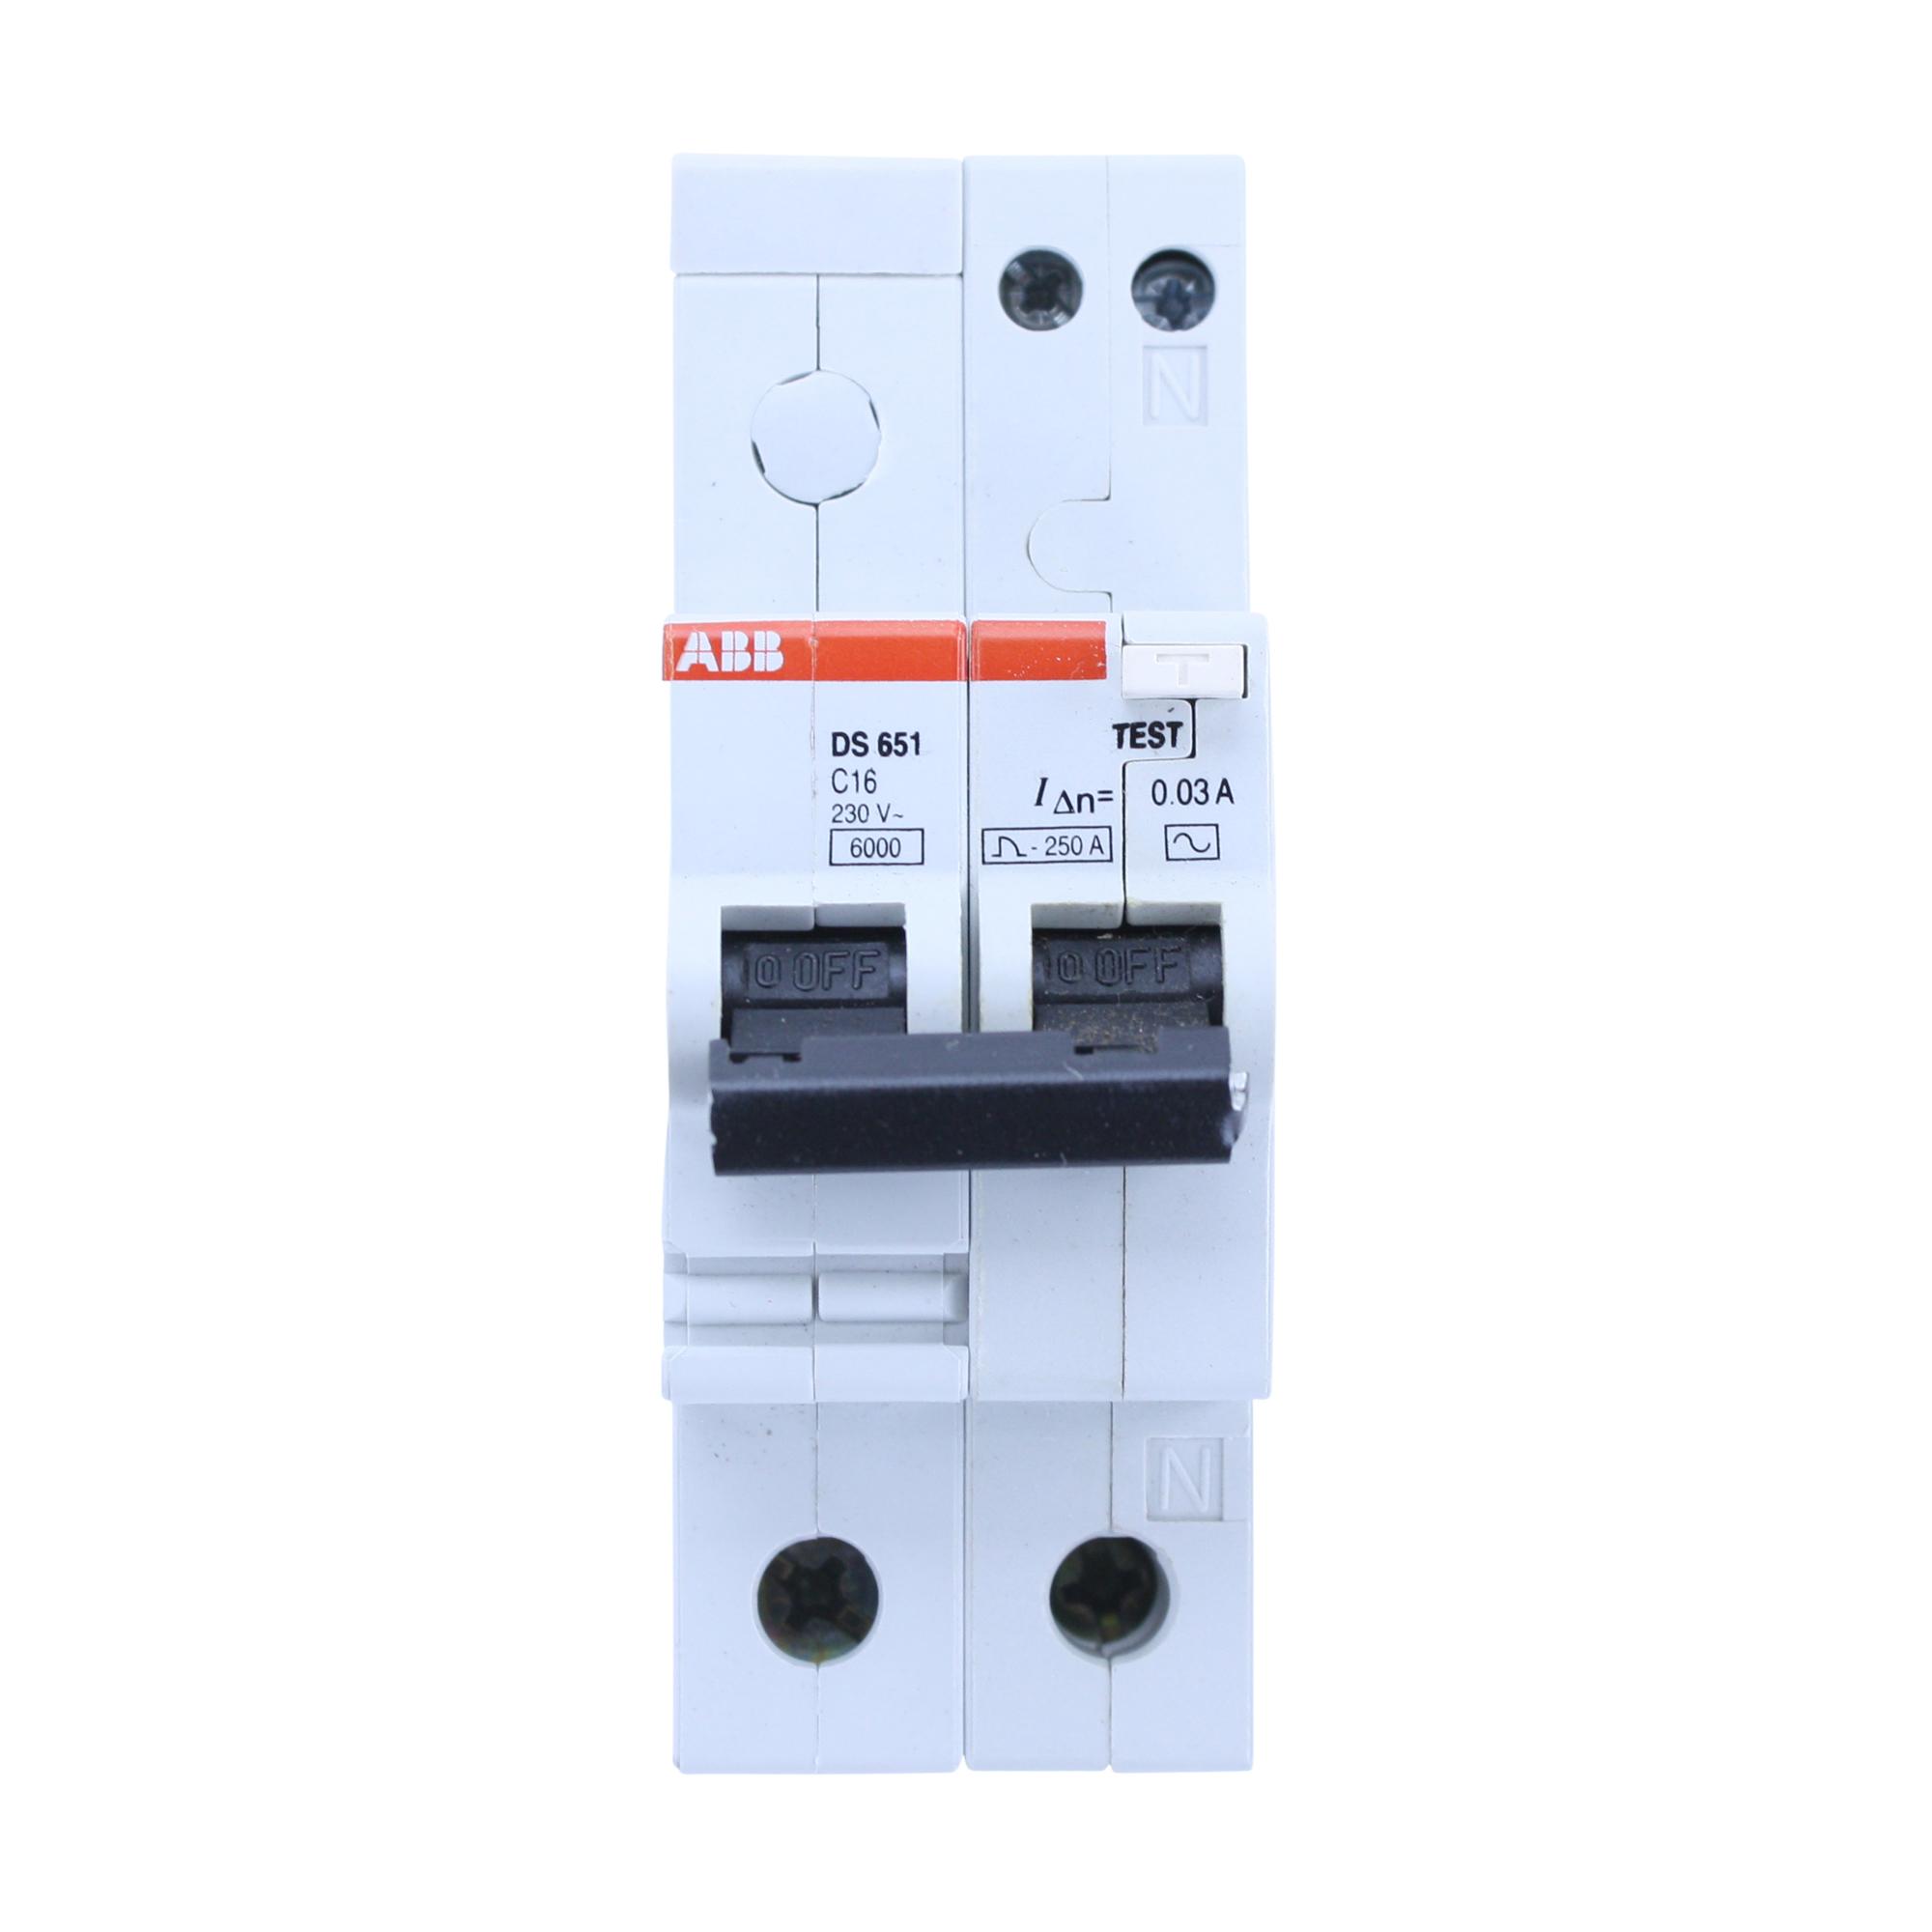 Abb Ds651c16 0 03 Ds651 C16 Type C Curve Din Rail Circuit